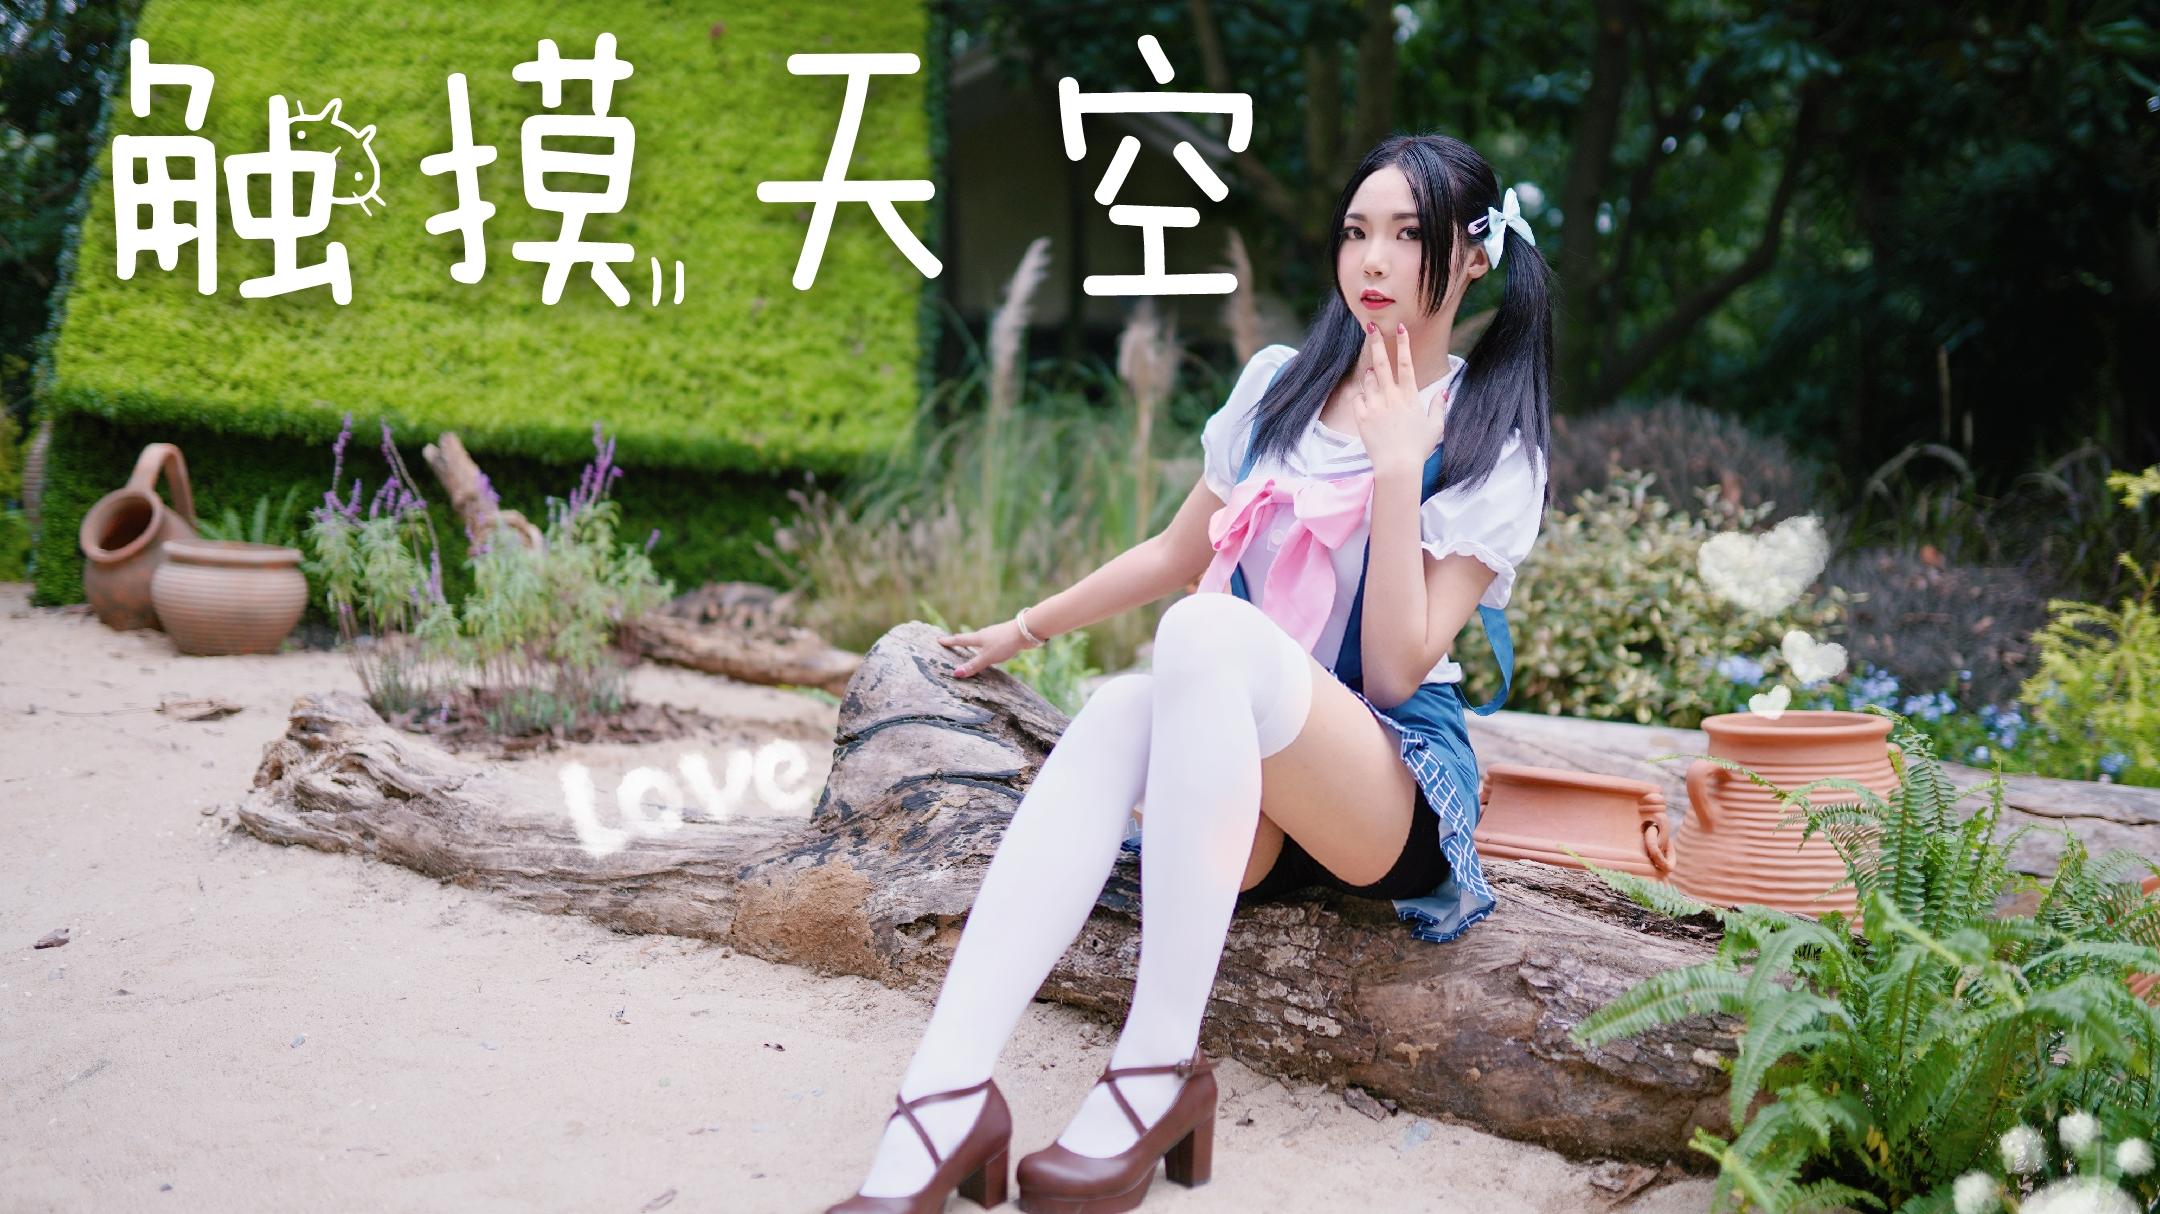 【岚莺】触摸天空!170巨型妹纸摸天花板! ! !